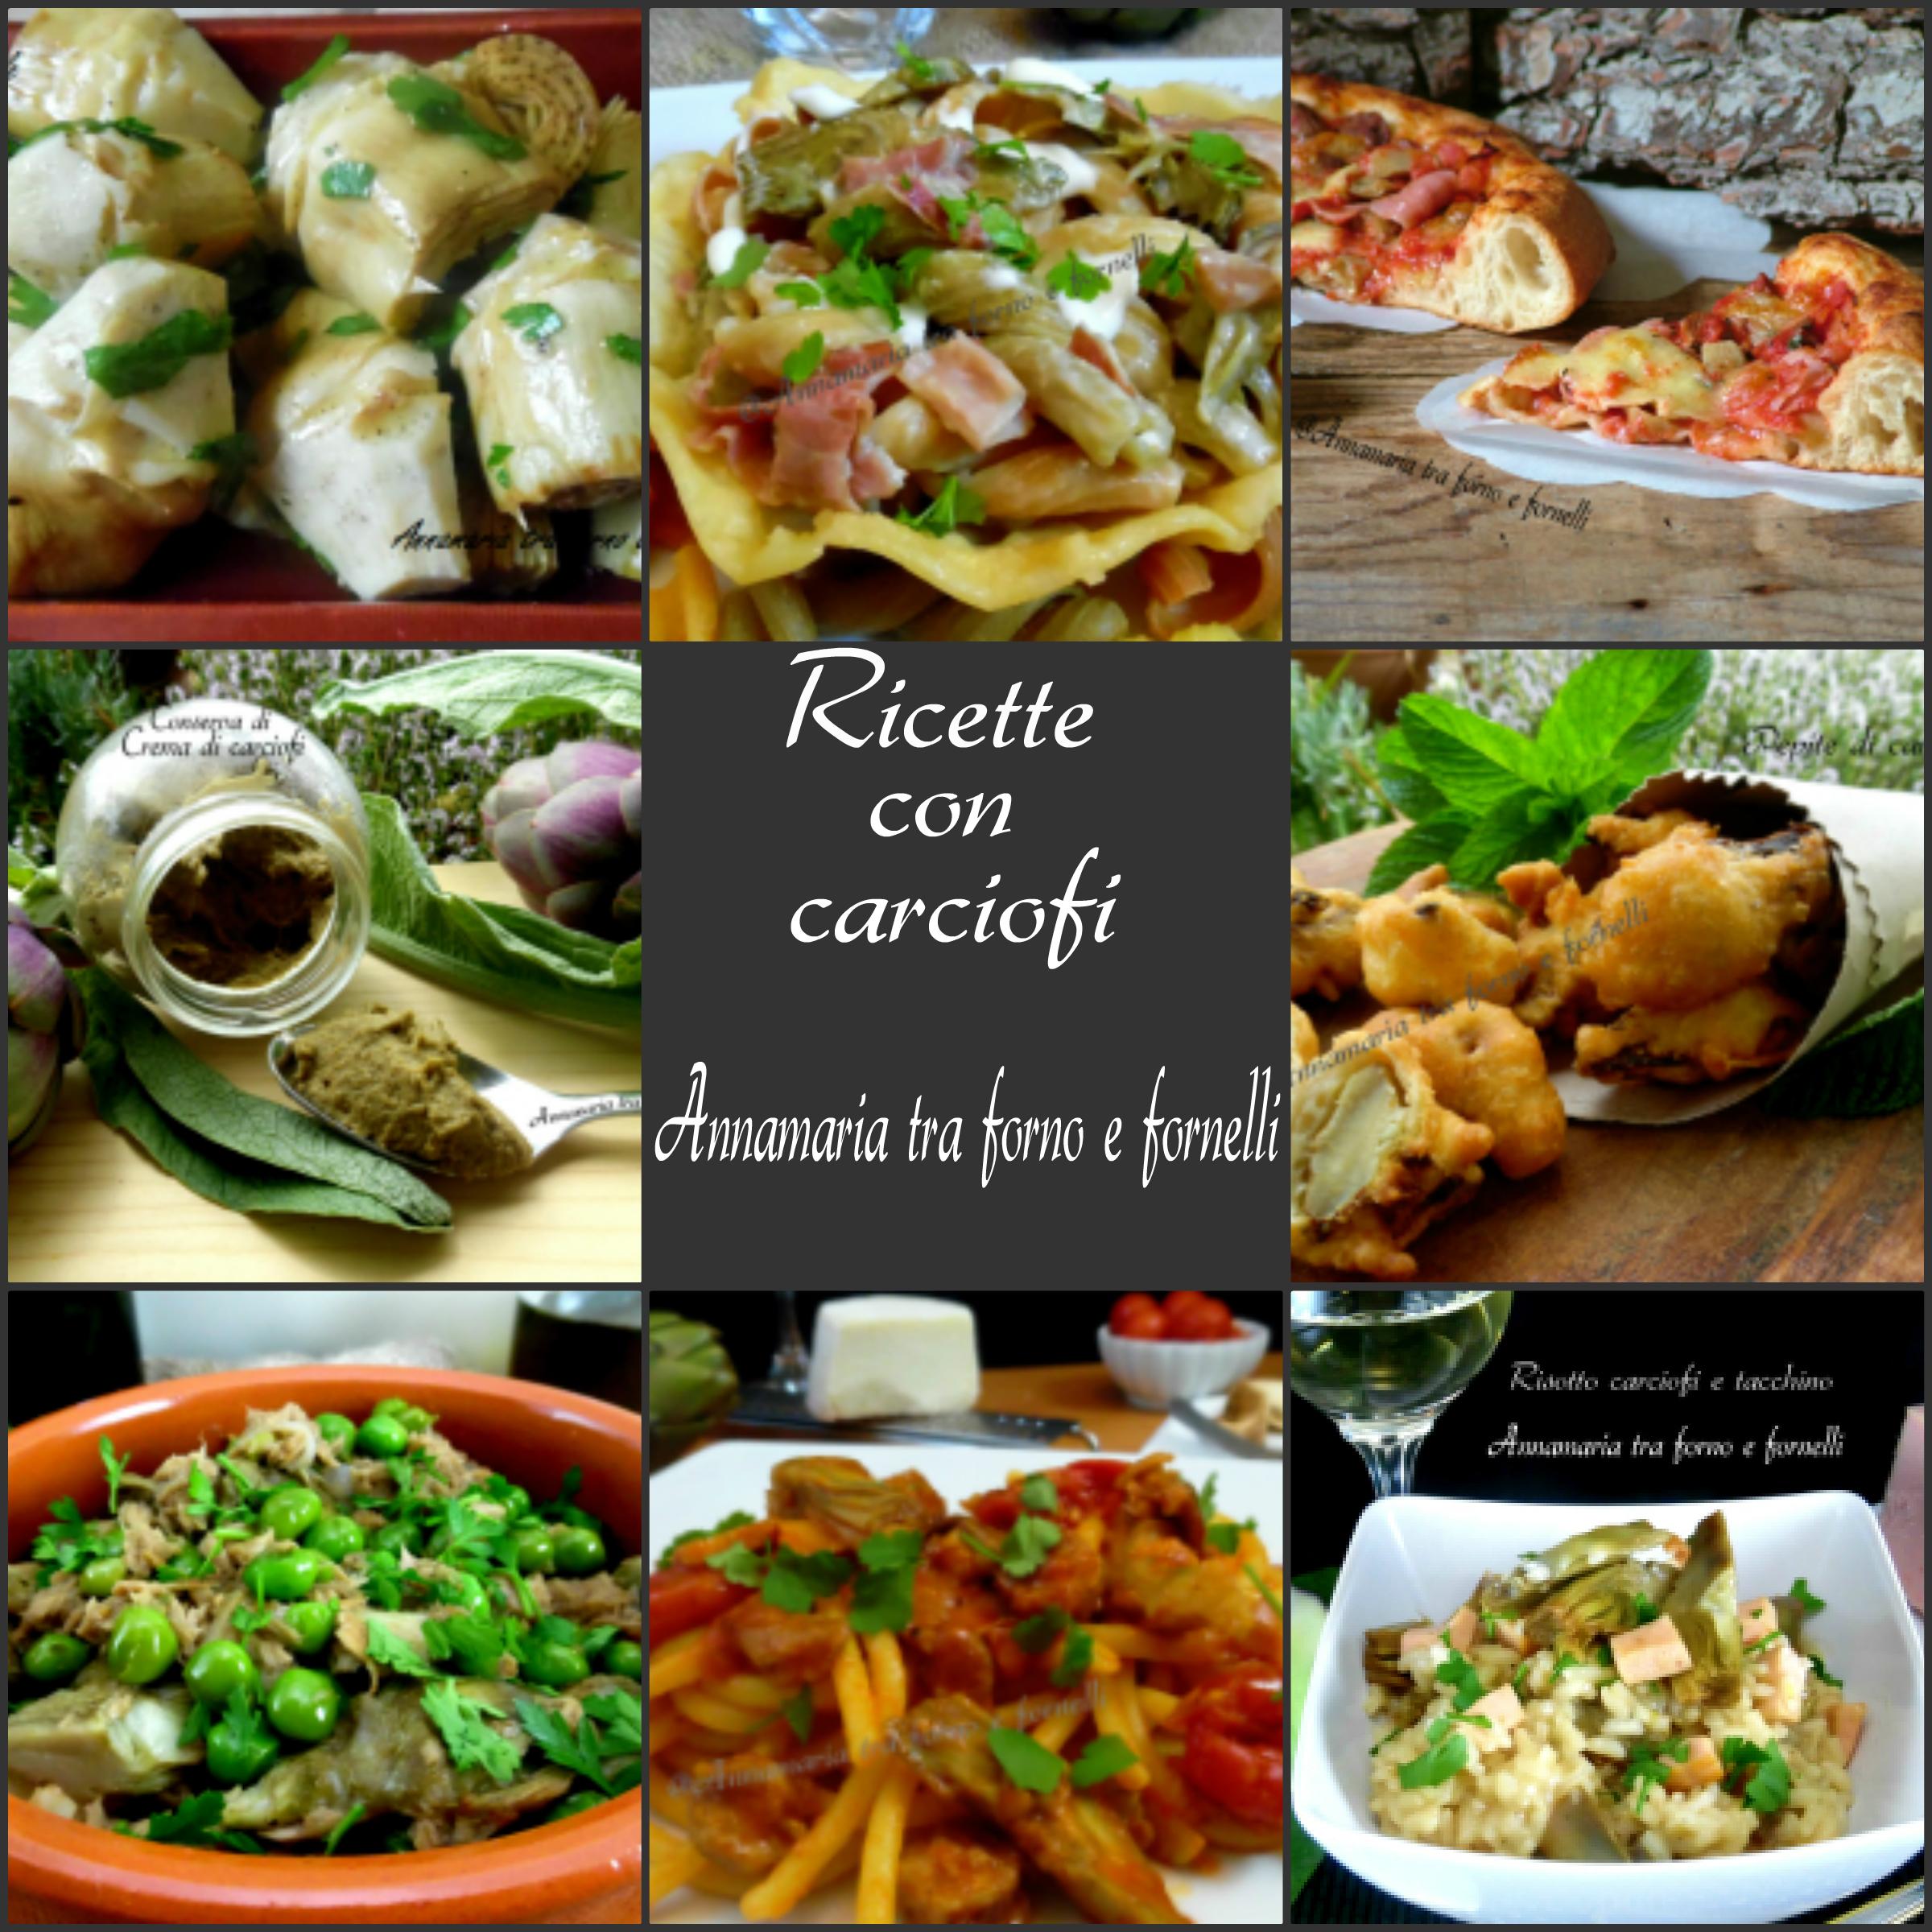 raccolta ricette con carciofi